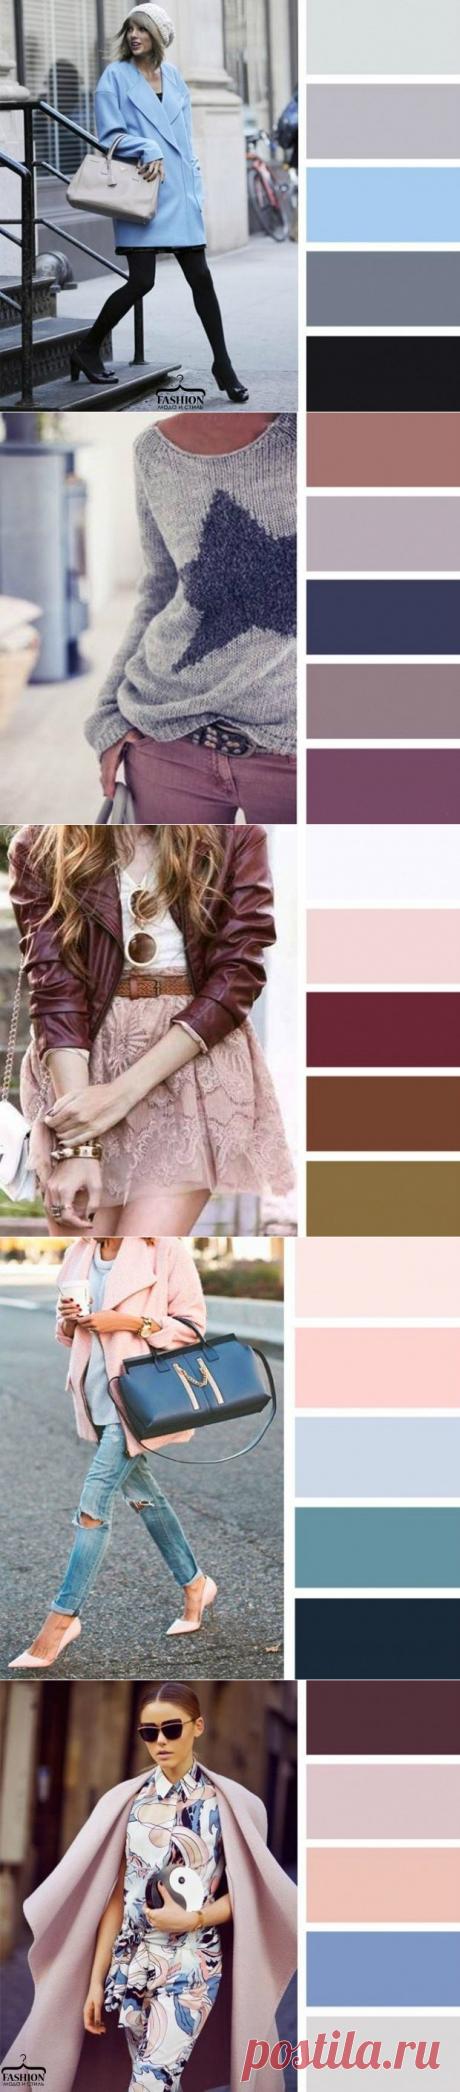 Цветовая палитра 2016 - сочетания в одежде